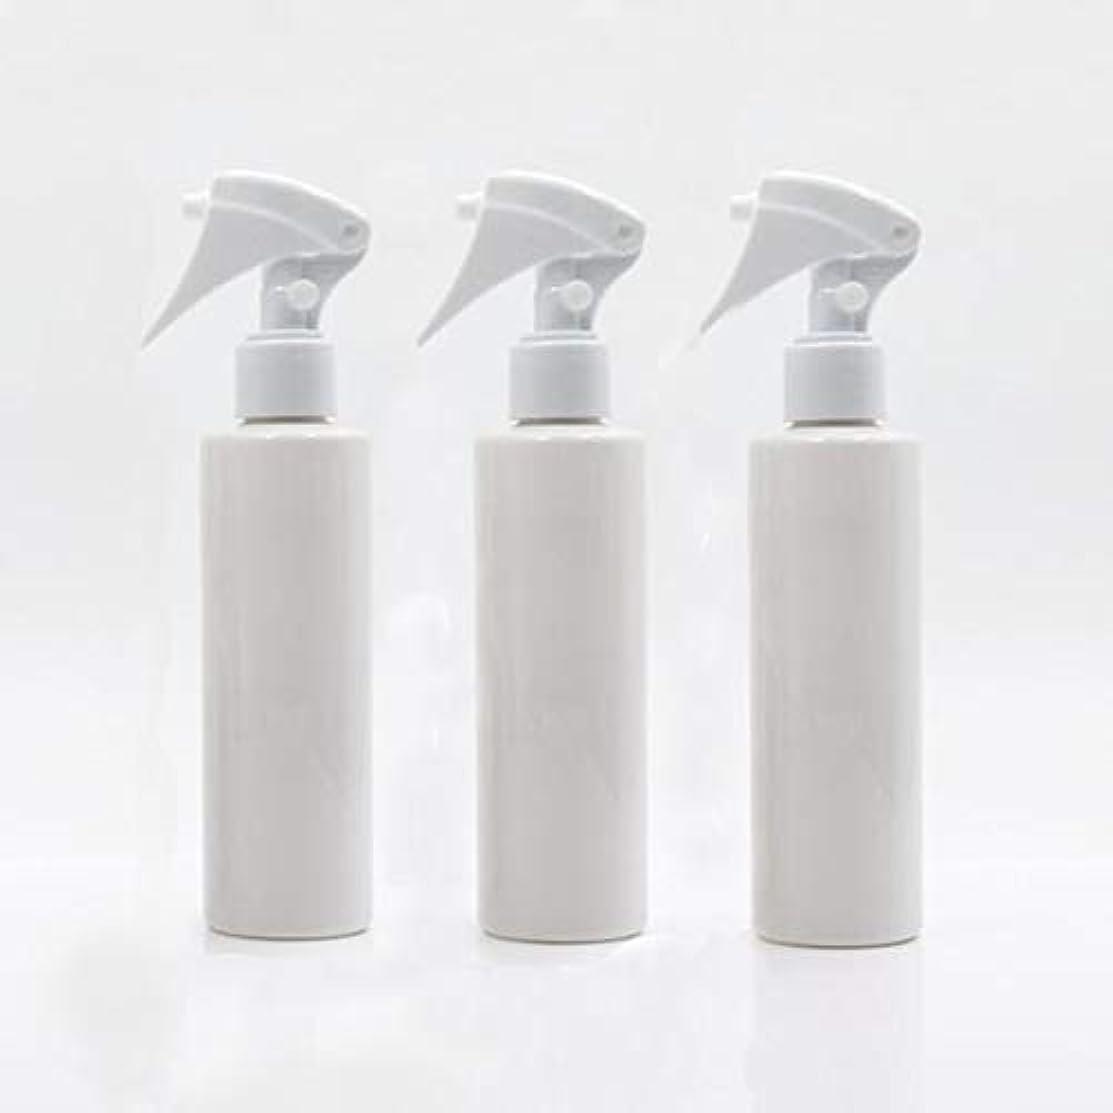 不承認身元栄養Homewineasy 極細のミストを噴霧する スプレーボトル 詰め替え容器 200ml 3本セット (ホワイト)